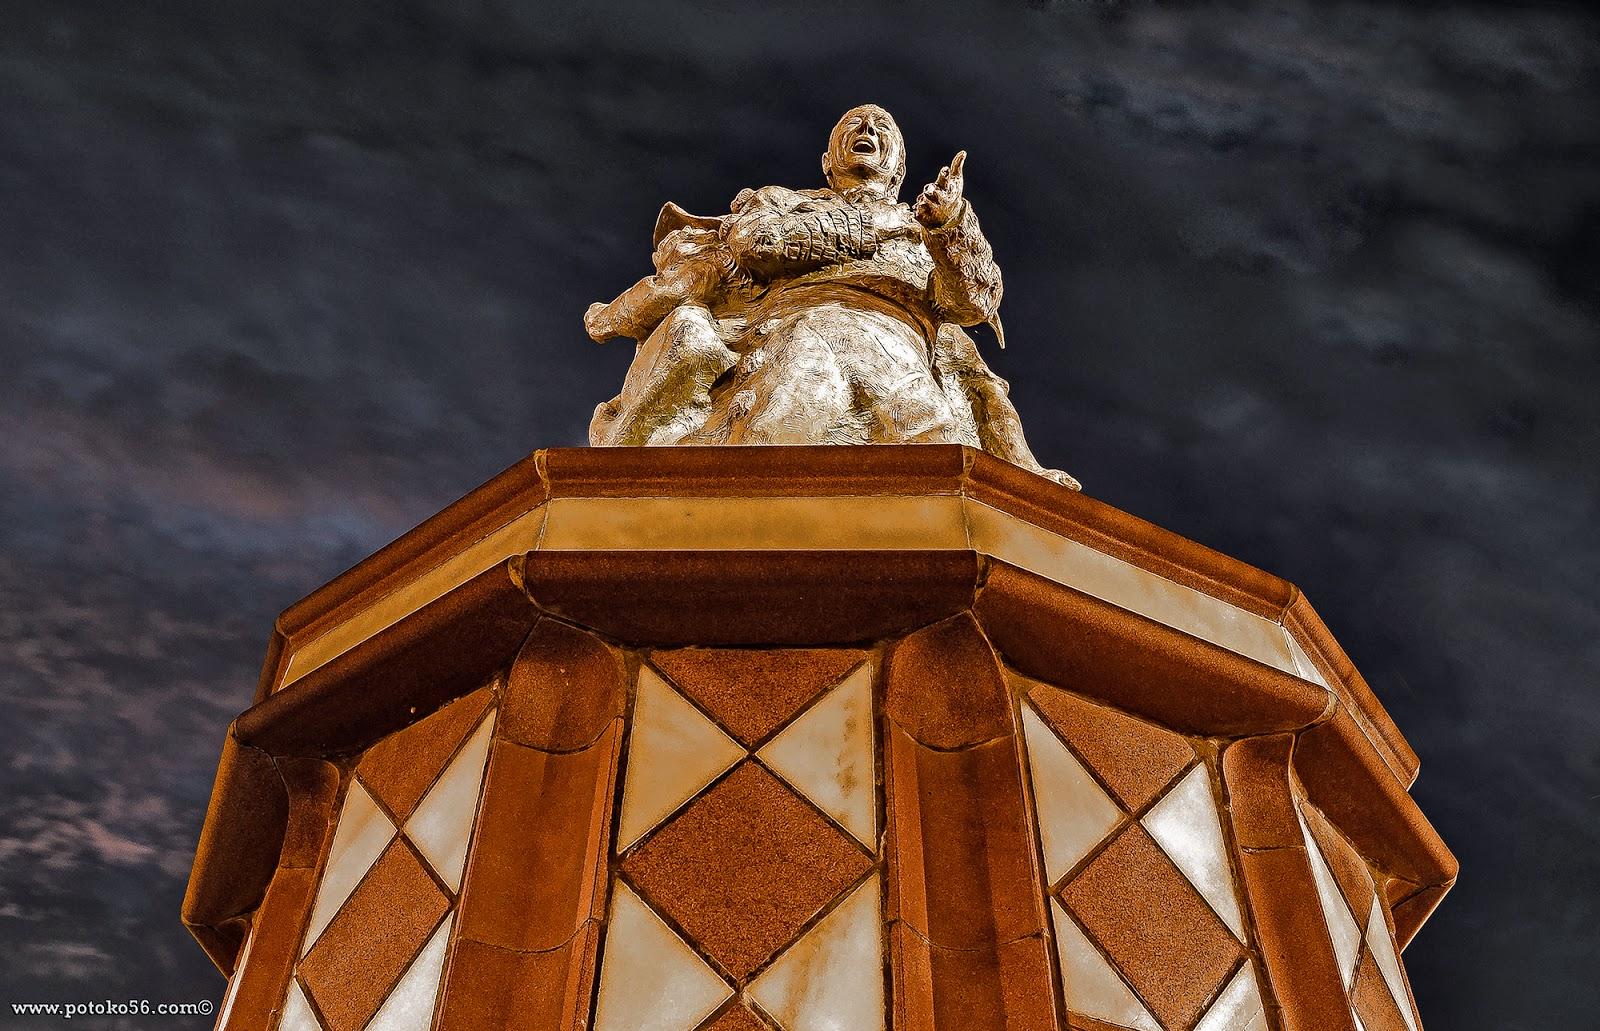 en el Paseo del Chorrillo busto dedicado al carnavalero Guti Rota